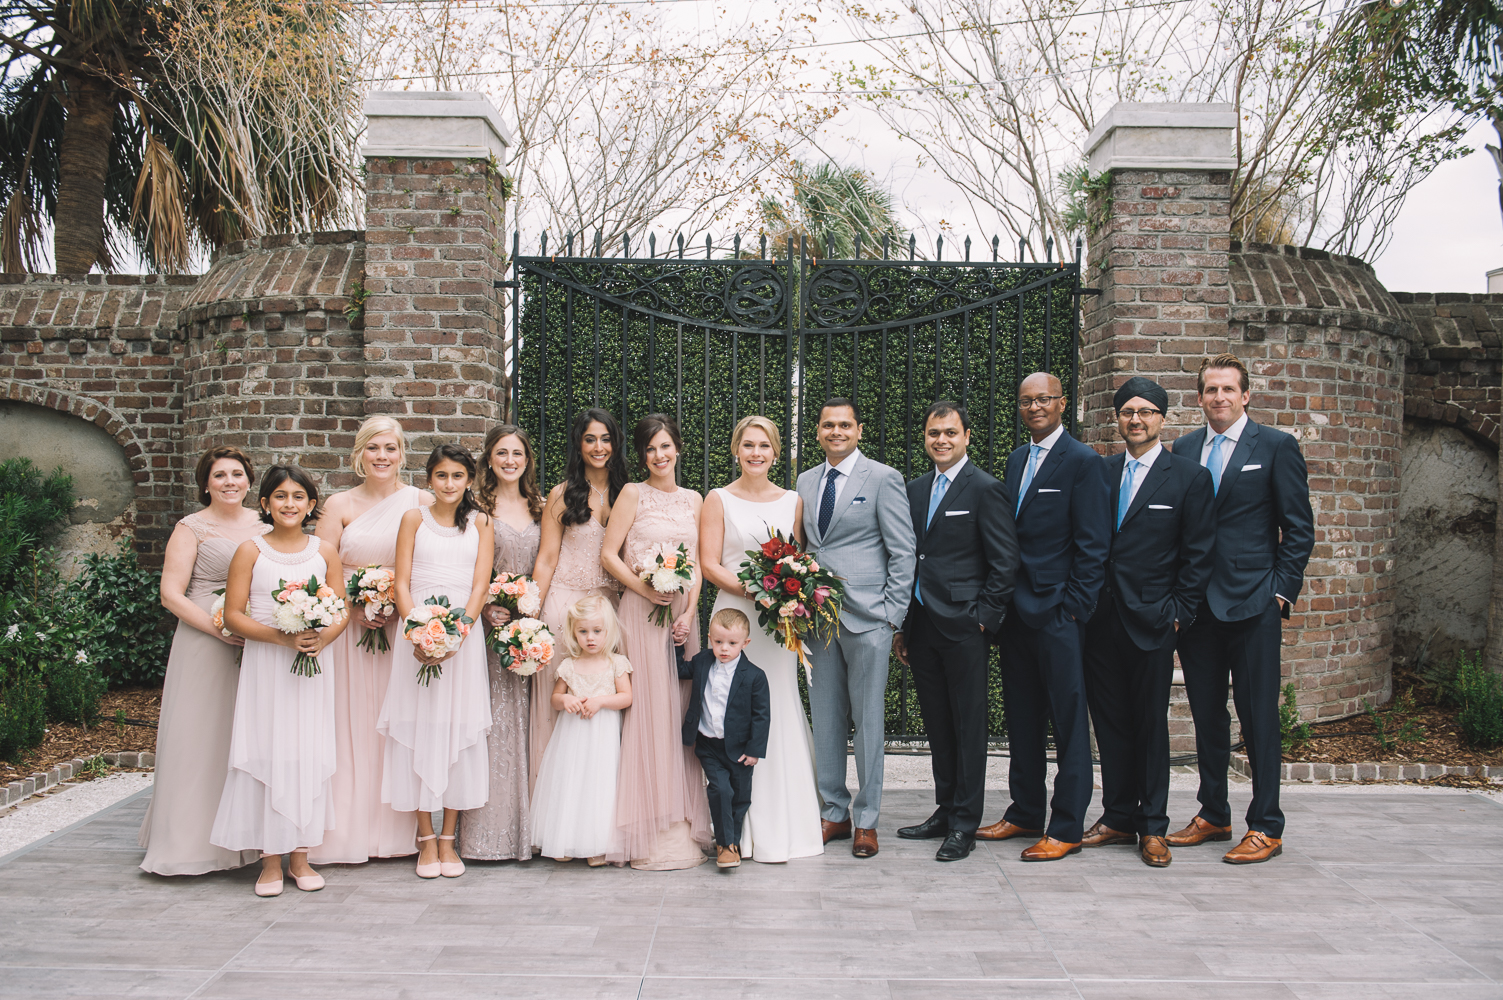 Gadsden House wedding by Lizz Luckhart Designs